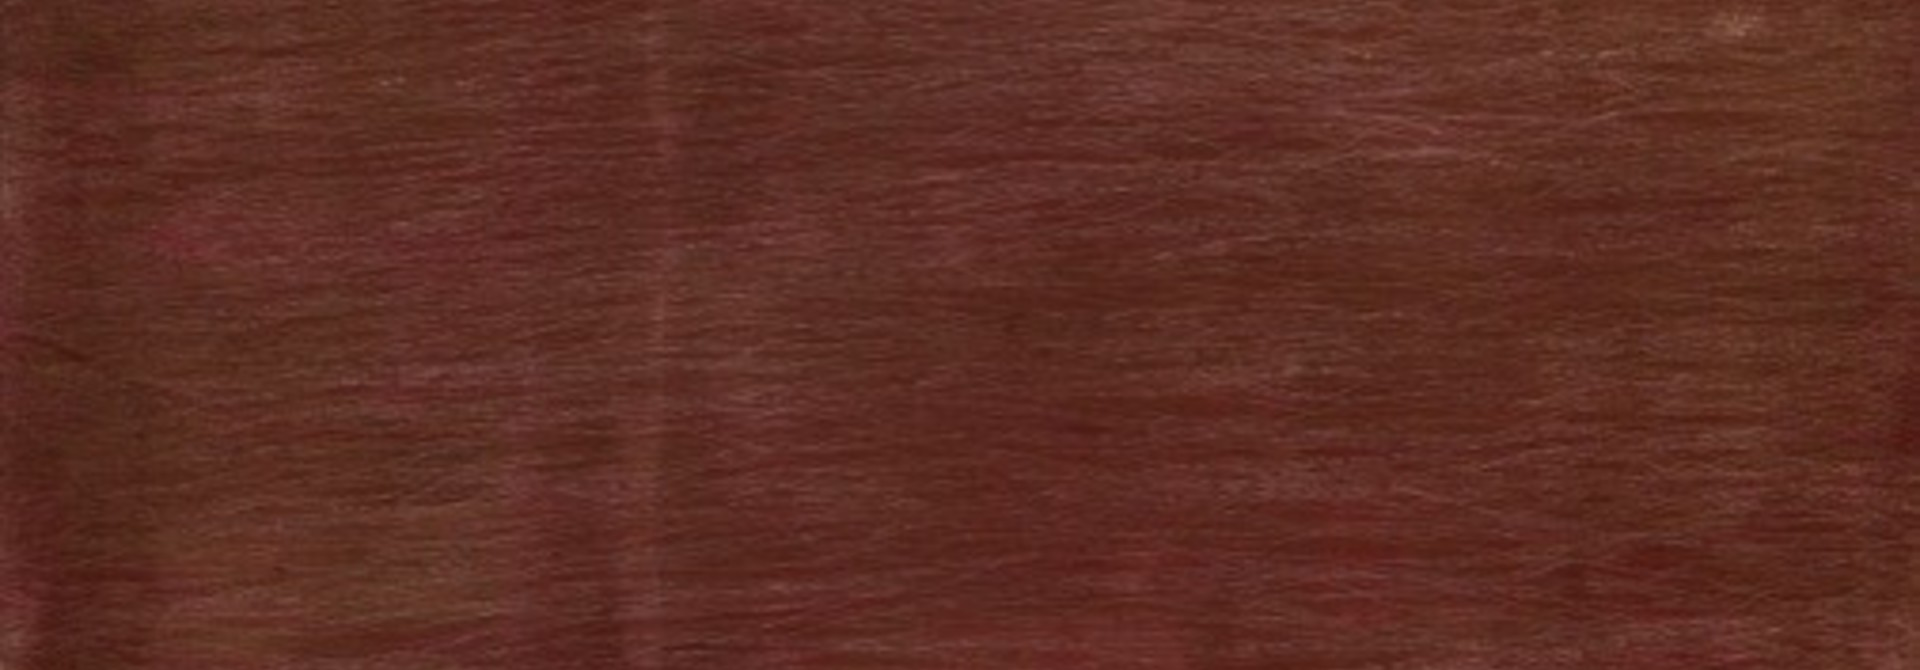 Untitled (Mizu: Red)